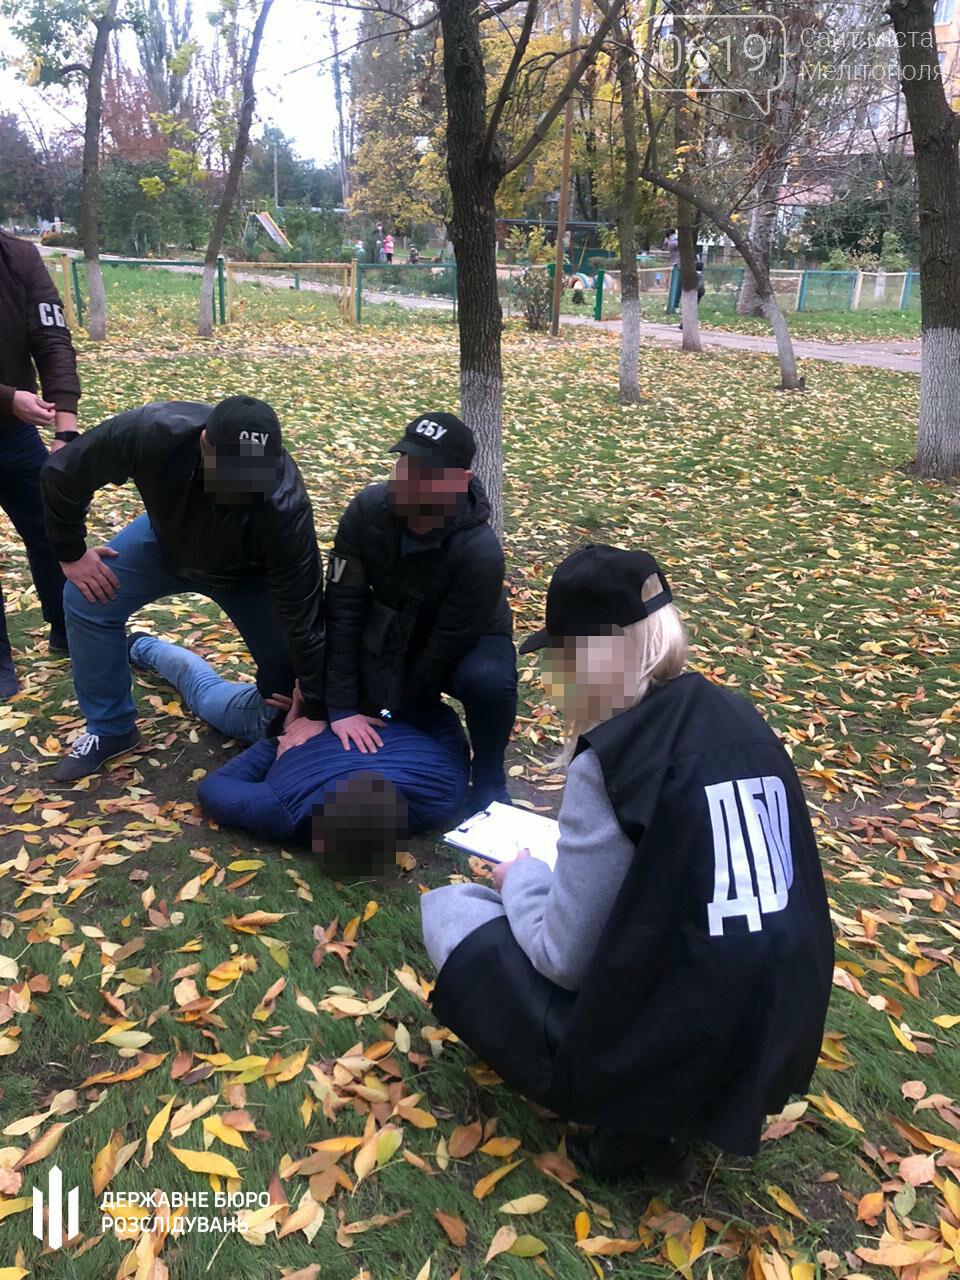 Мелитопольские правоохранители задержали следователя-взяточника из Херсонской области, фото-1